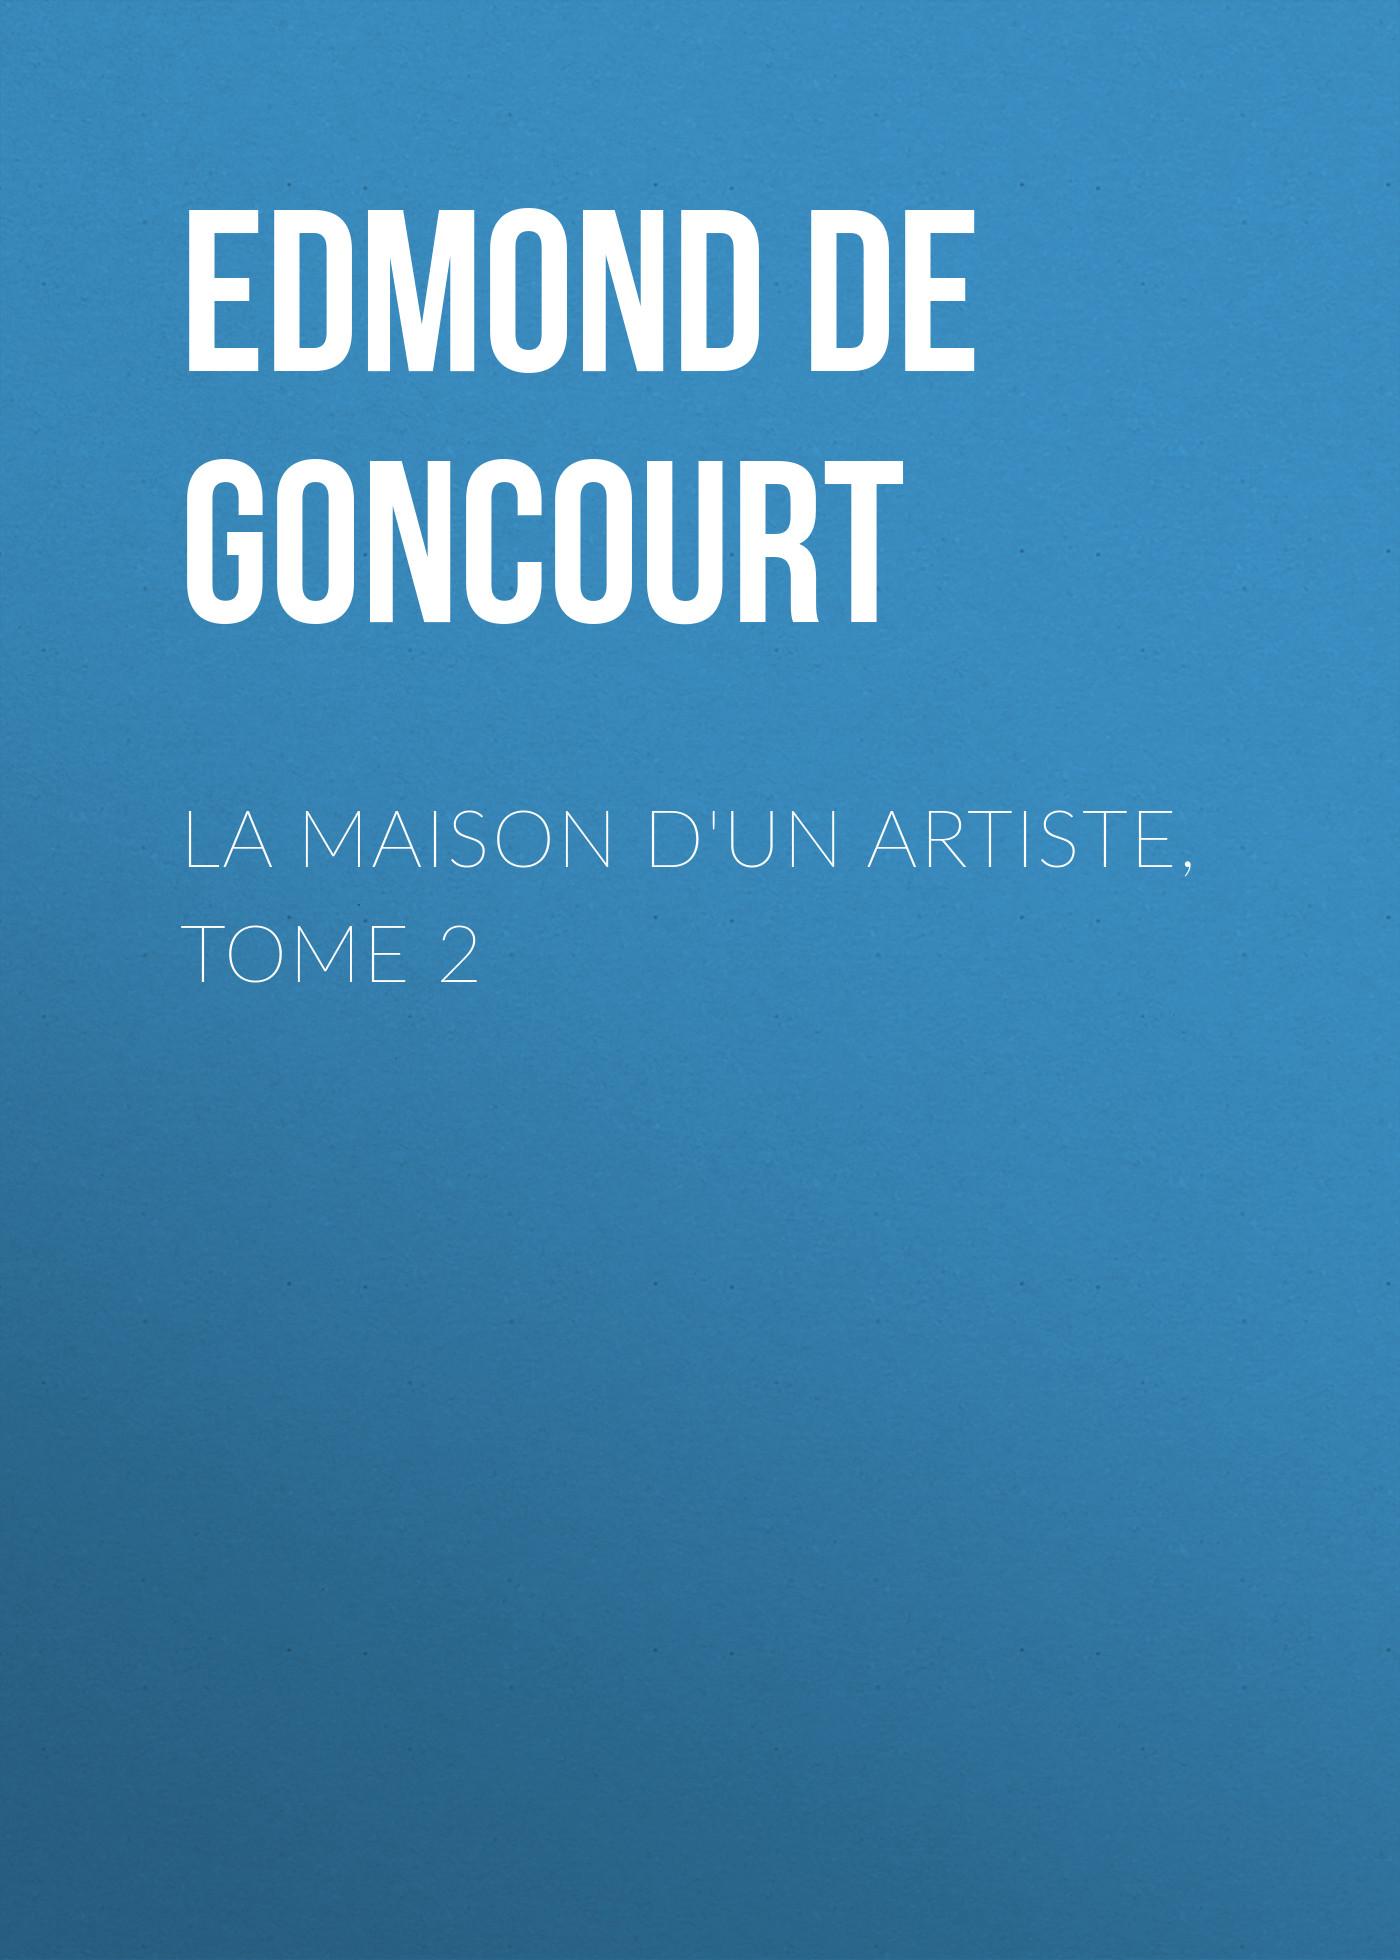 Edmond de Goncourt La maison d'un artiste, Tome 2 edmond de goncourt fragonard